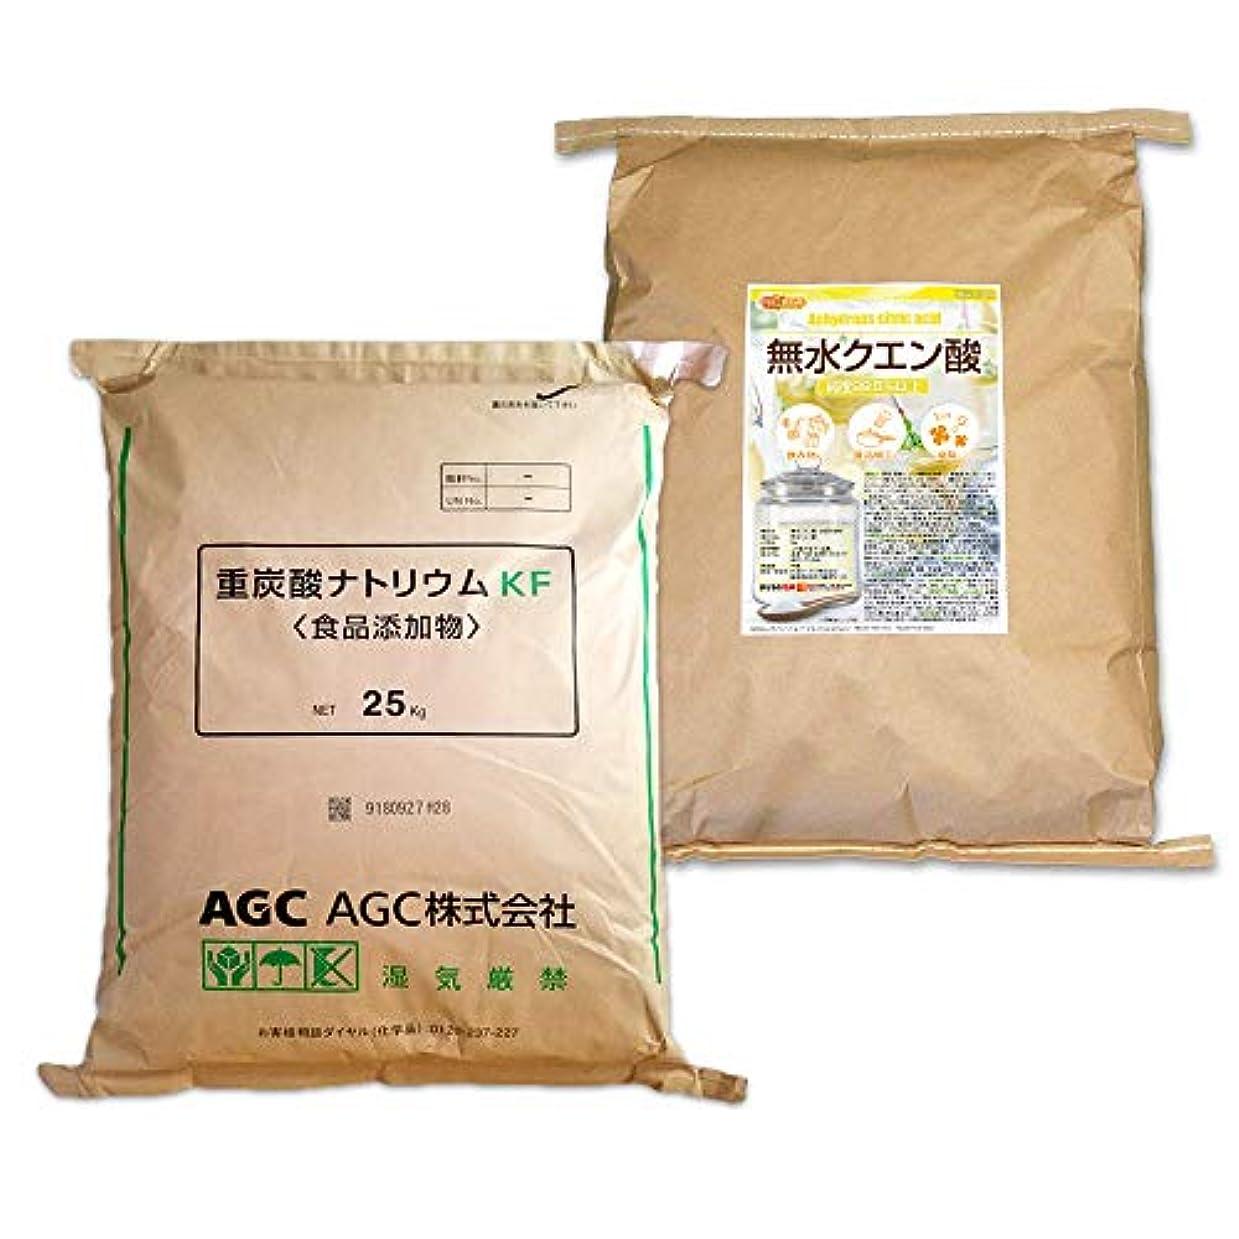 郵便番号バンジョー自発AGC製 重曹 25kg + 無水 クエン酸 25kg セット [02] 【同梱不可】NICHIGA(ニチガ)